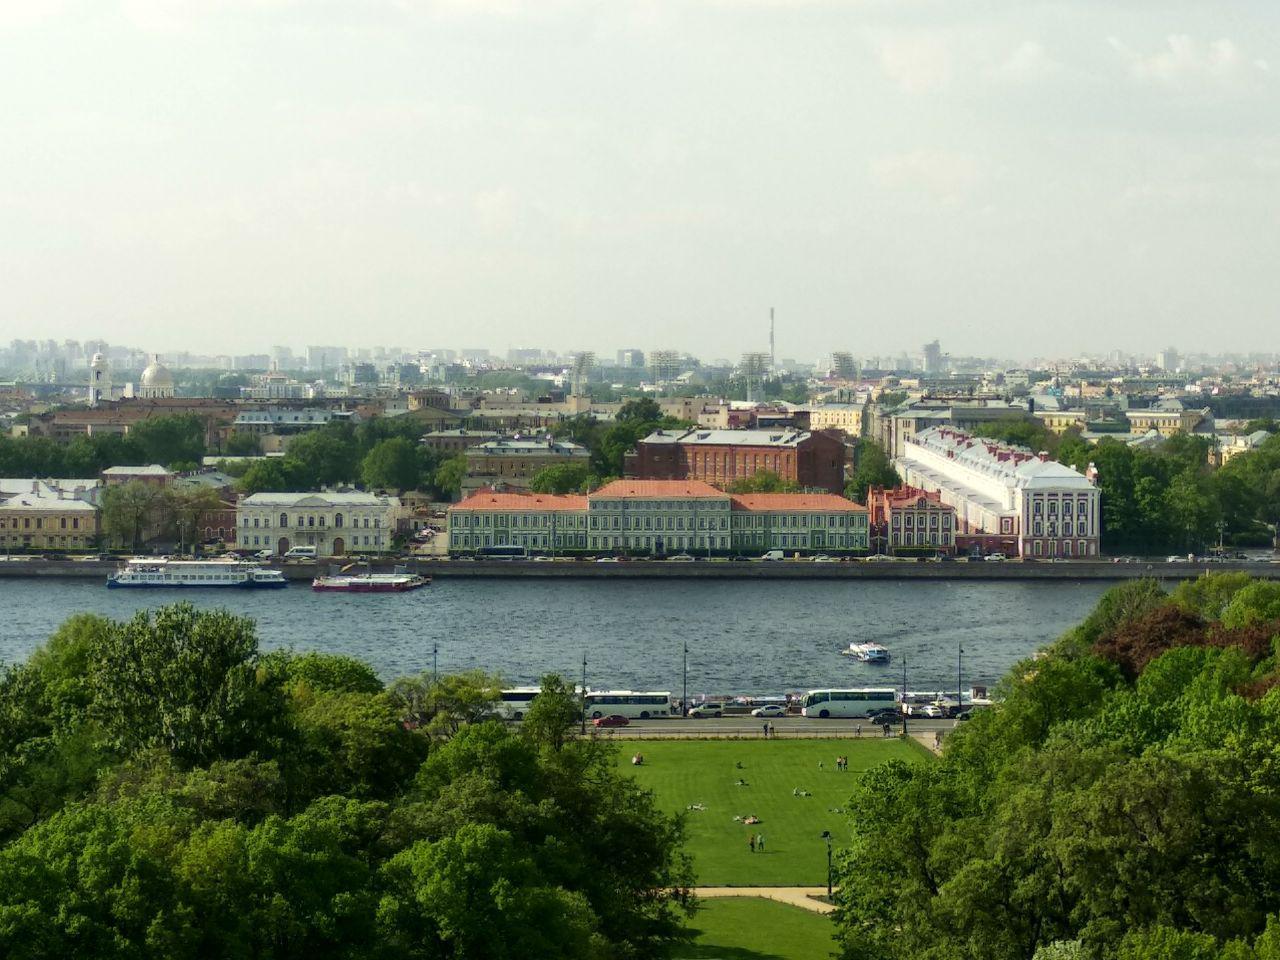 Там, где ты оставишь свое сердце: в миллионный раз о Санкт Петербурге